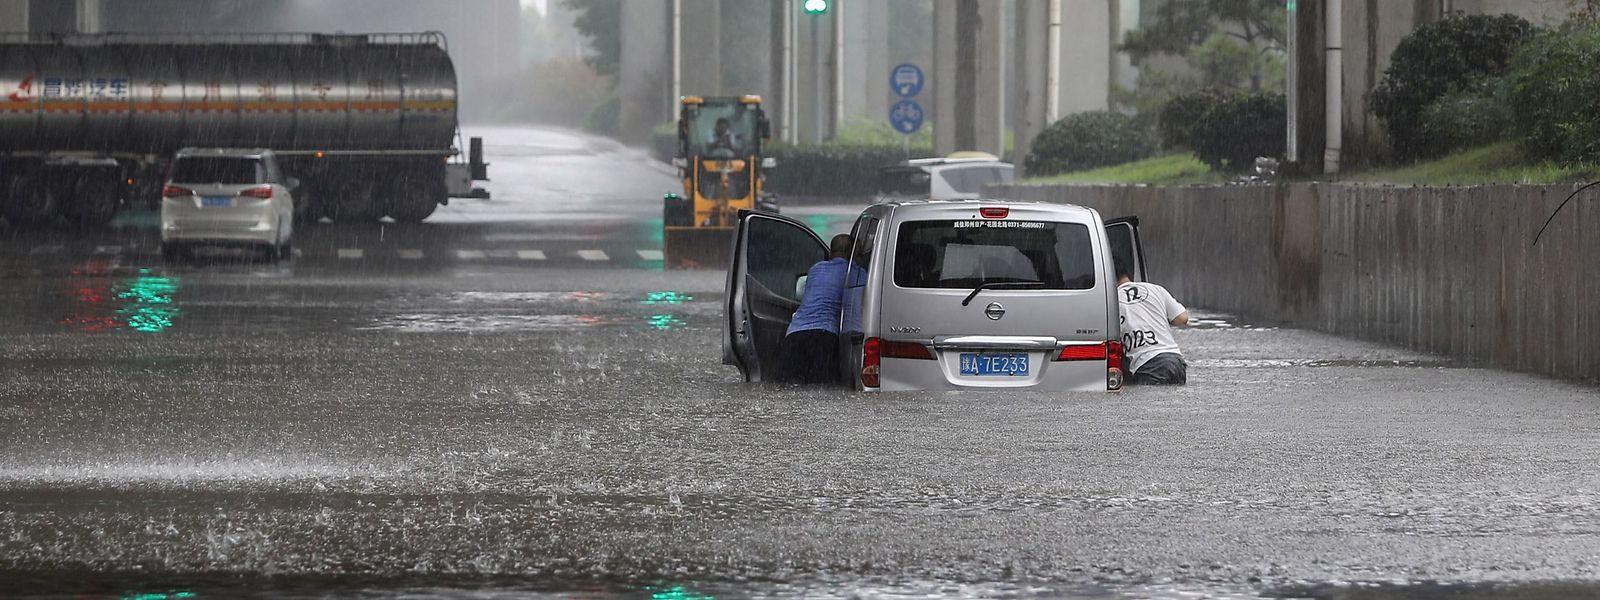 Überschwemmungen in Zhengzhou in der chinesischen Provinz Henan.